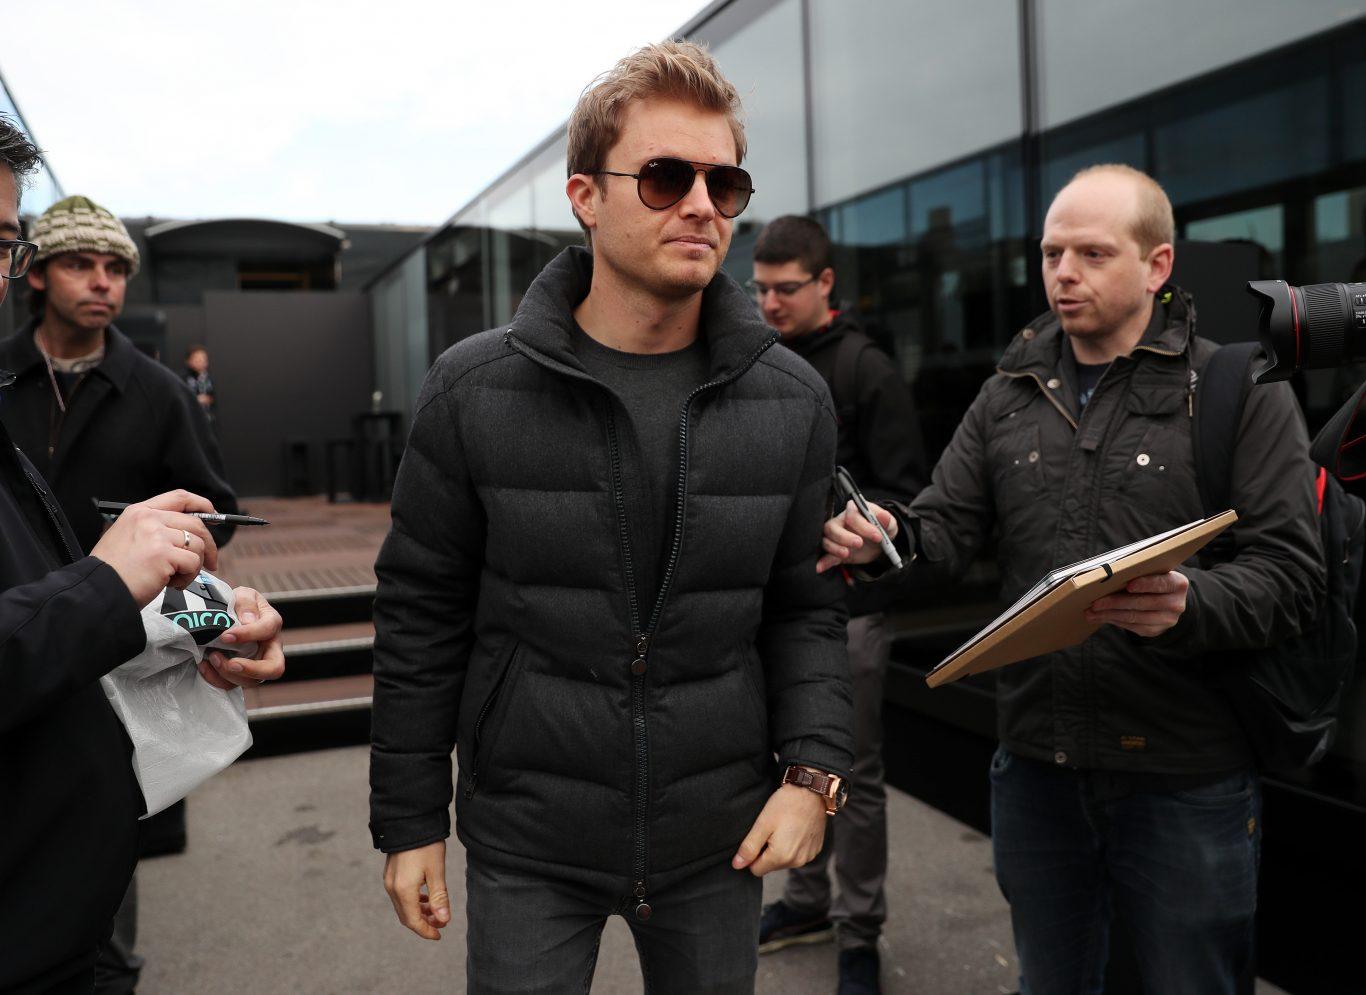 Nico Rosberg at testing in Barcelona